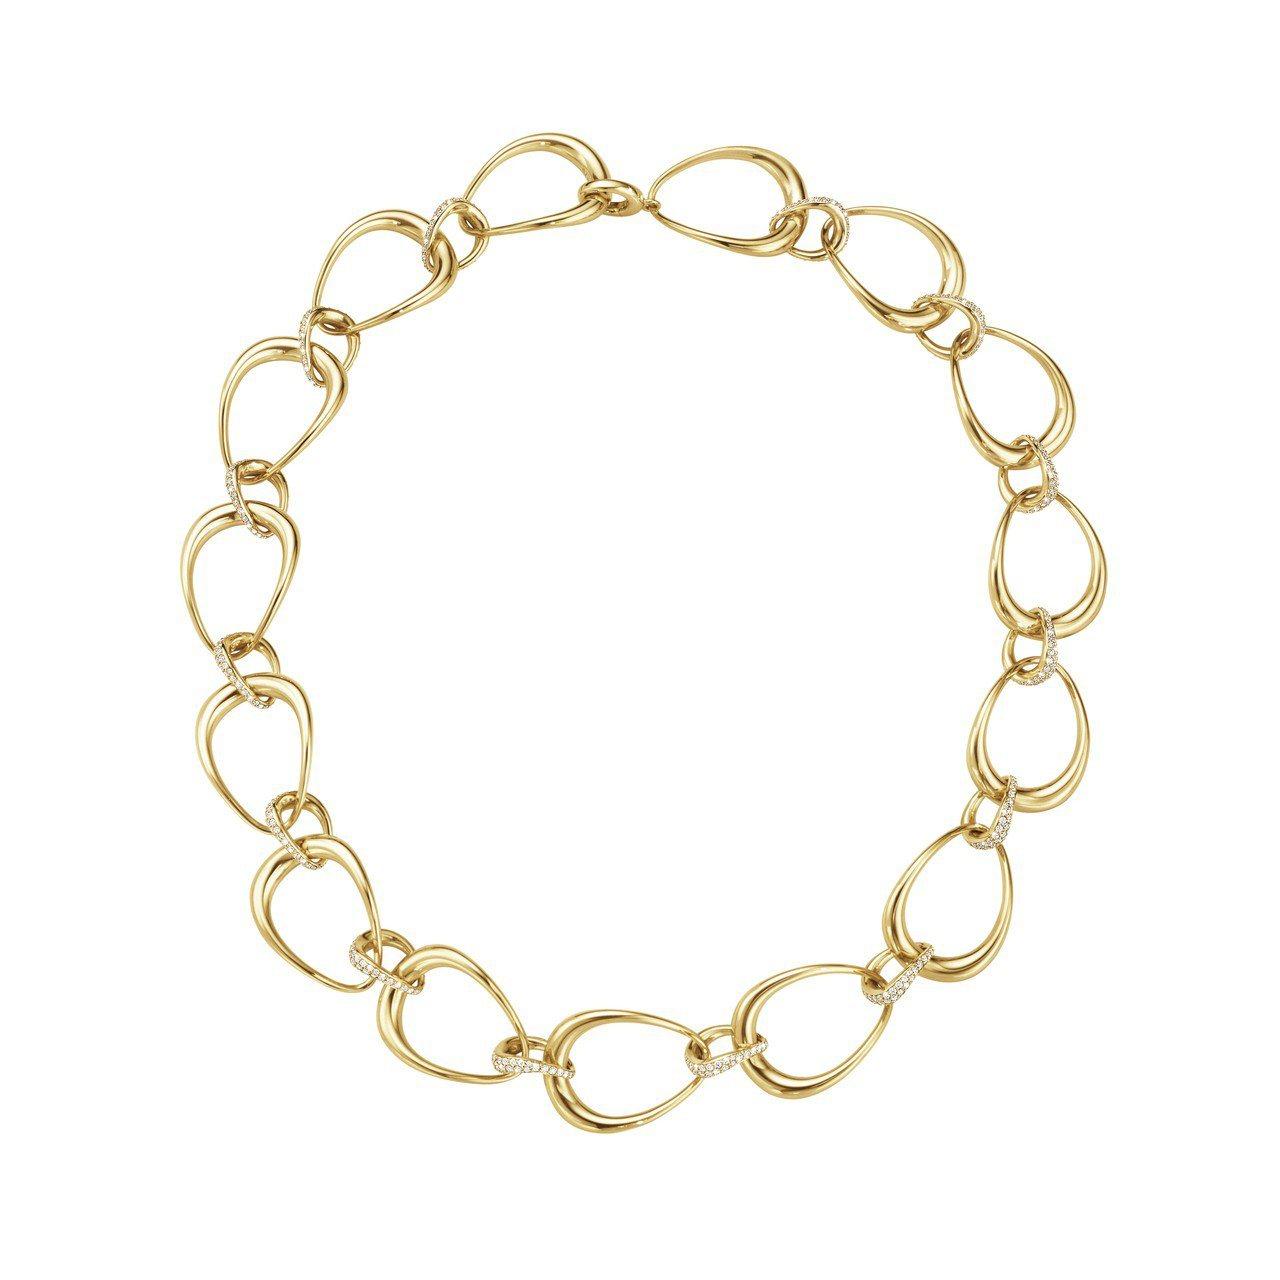 GEORG JENSEN巡迴珠寶OFFSPRING系列18K黃金鋪砌式鑲工美鑽項...